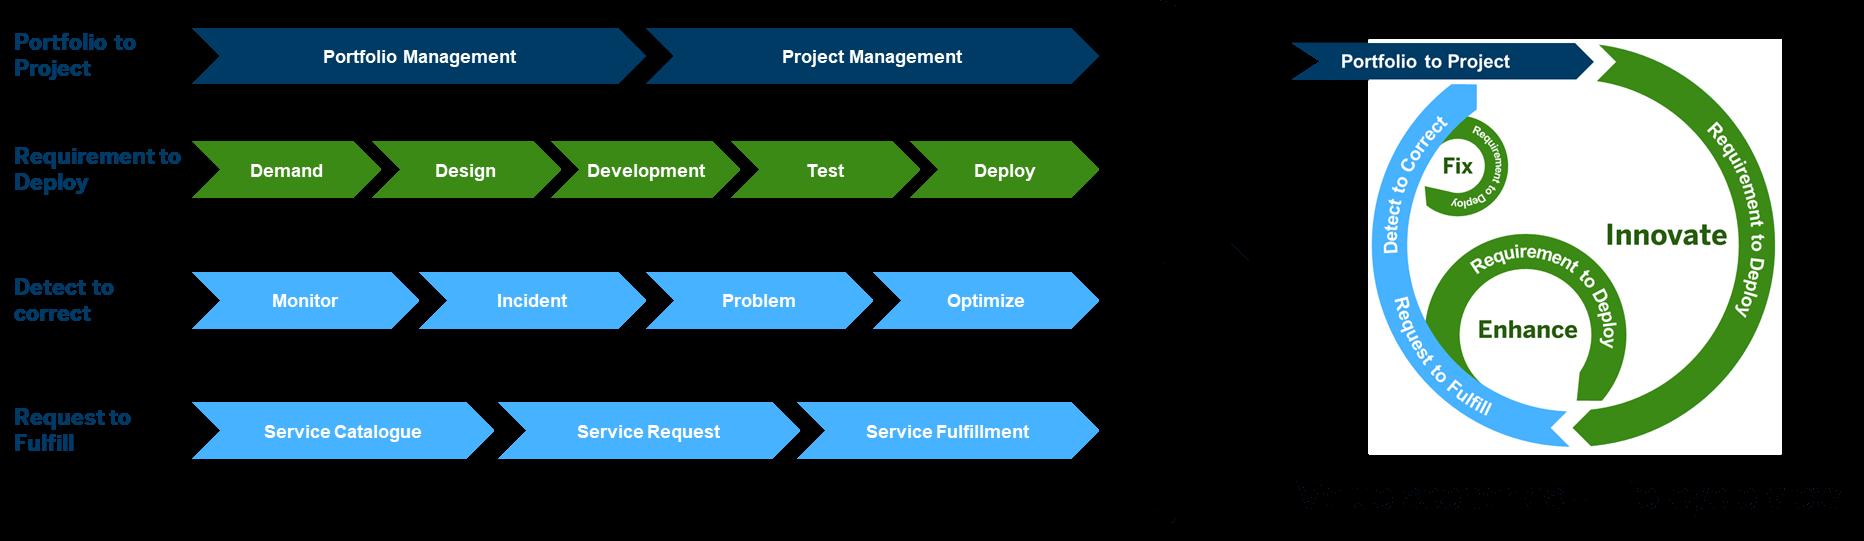 Gestión de proyectos desde Solution Manager 7 - ciclo de vida.png